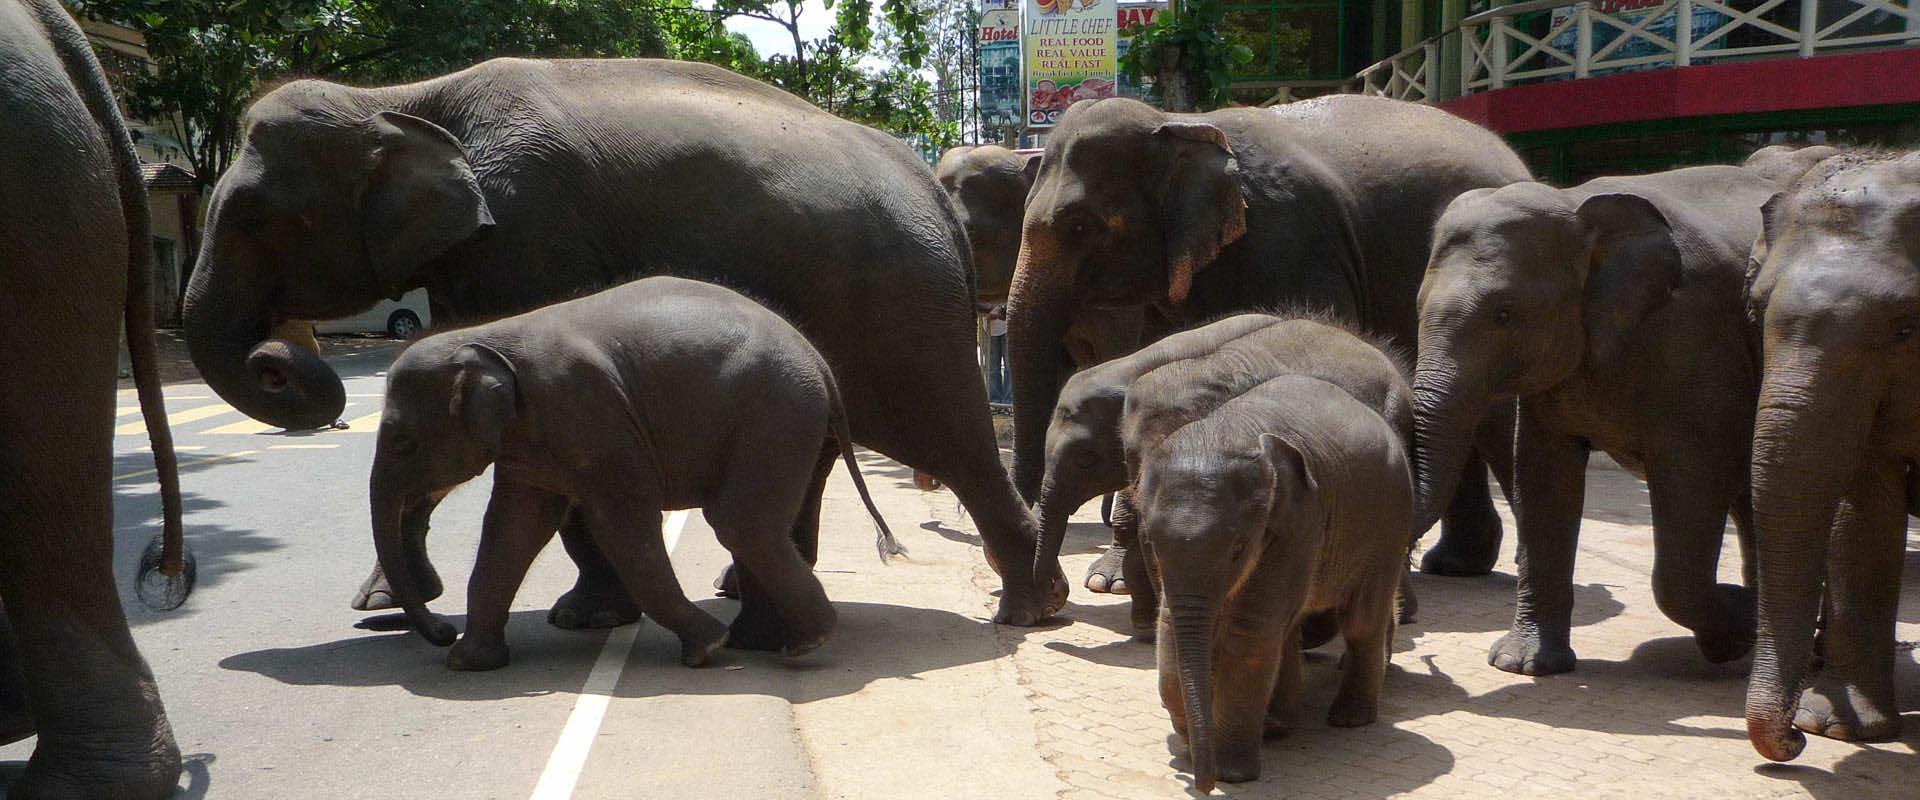 sri lanka elephant orphanage